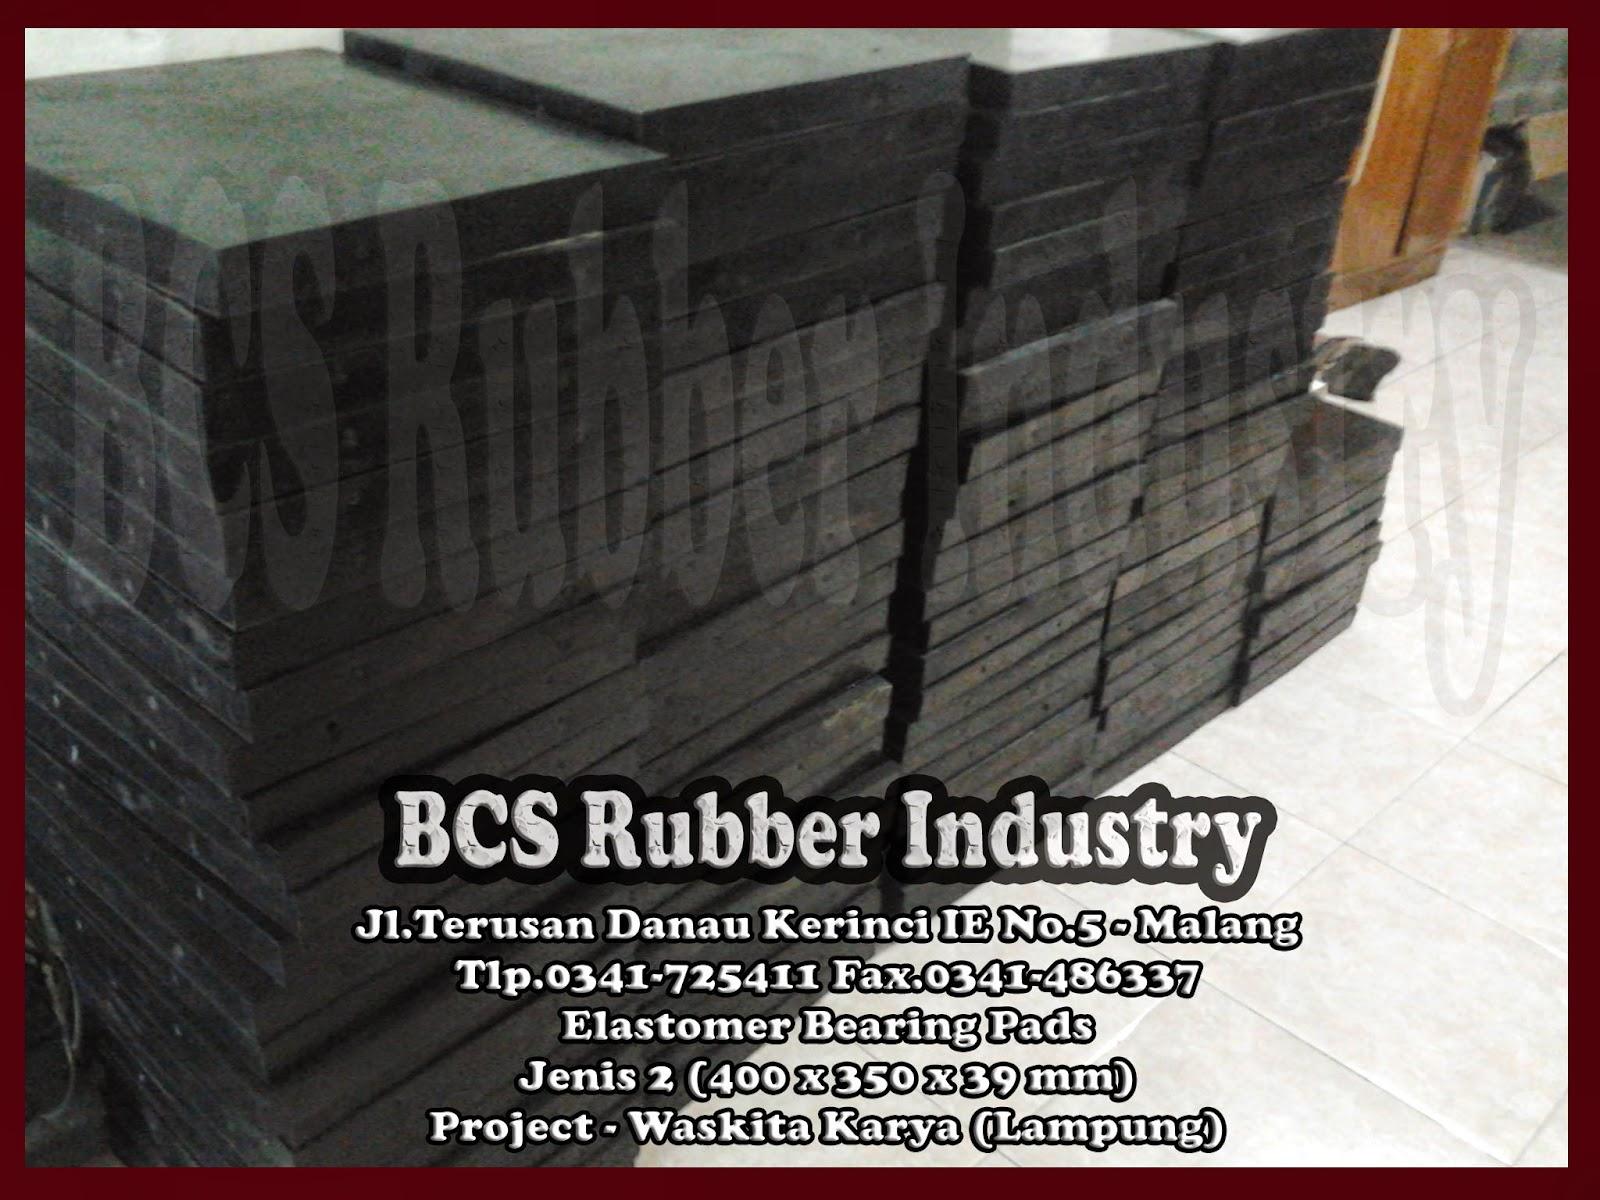 Elastomer Bearing Pad / Bantalan Jembatan ,Polos, Steel Plate, Seismic Rubber Bearing Pads.Elastomer Bearing pads,BCS Rubber Jembatan